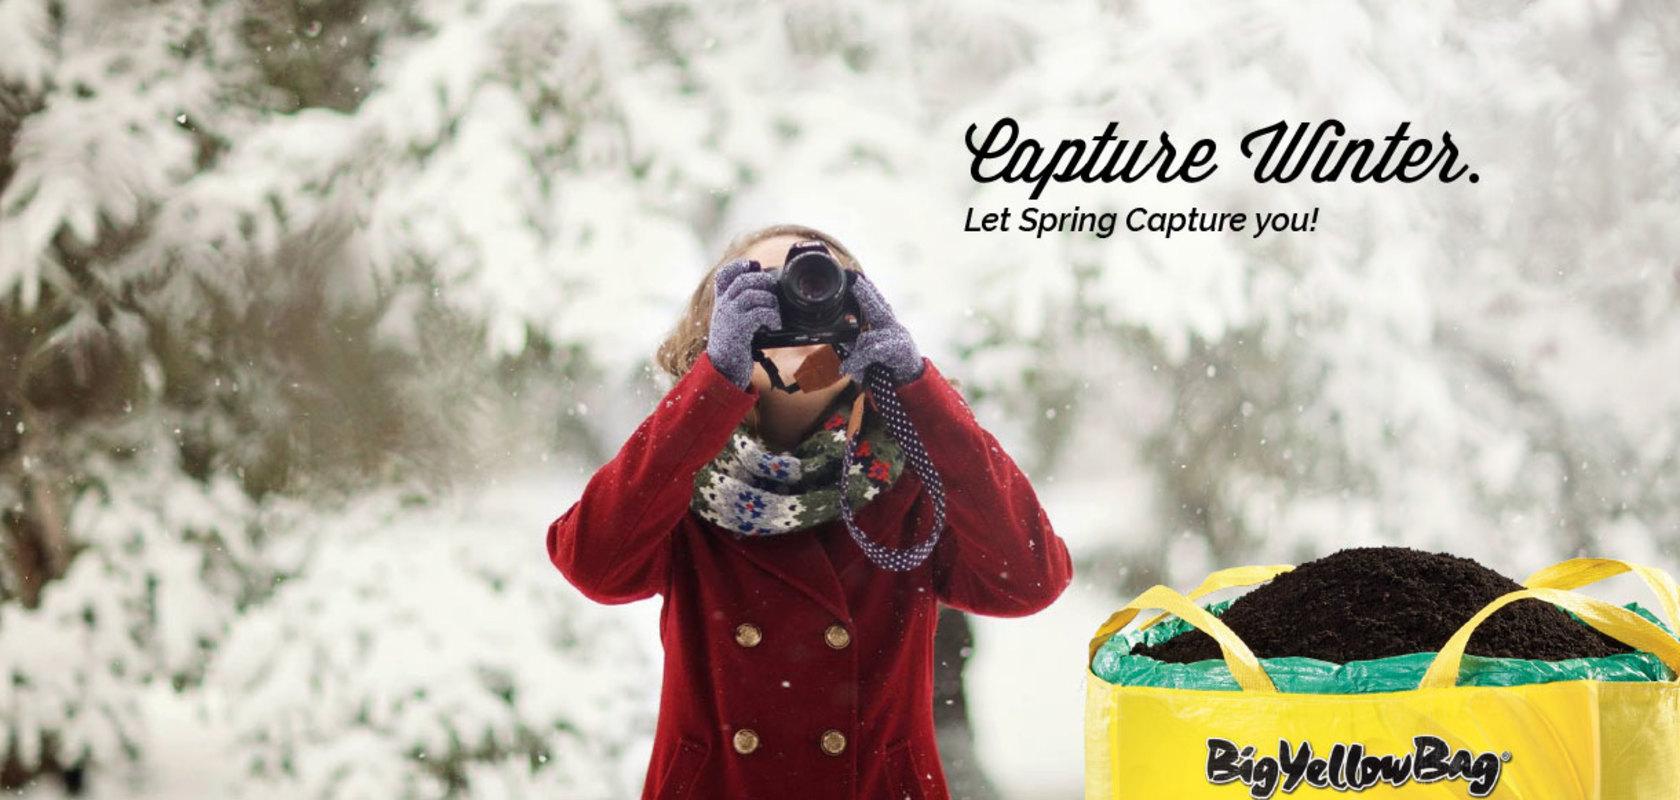 Byb winter homepg banner3